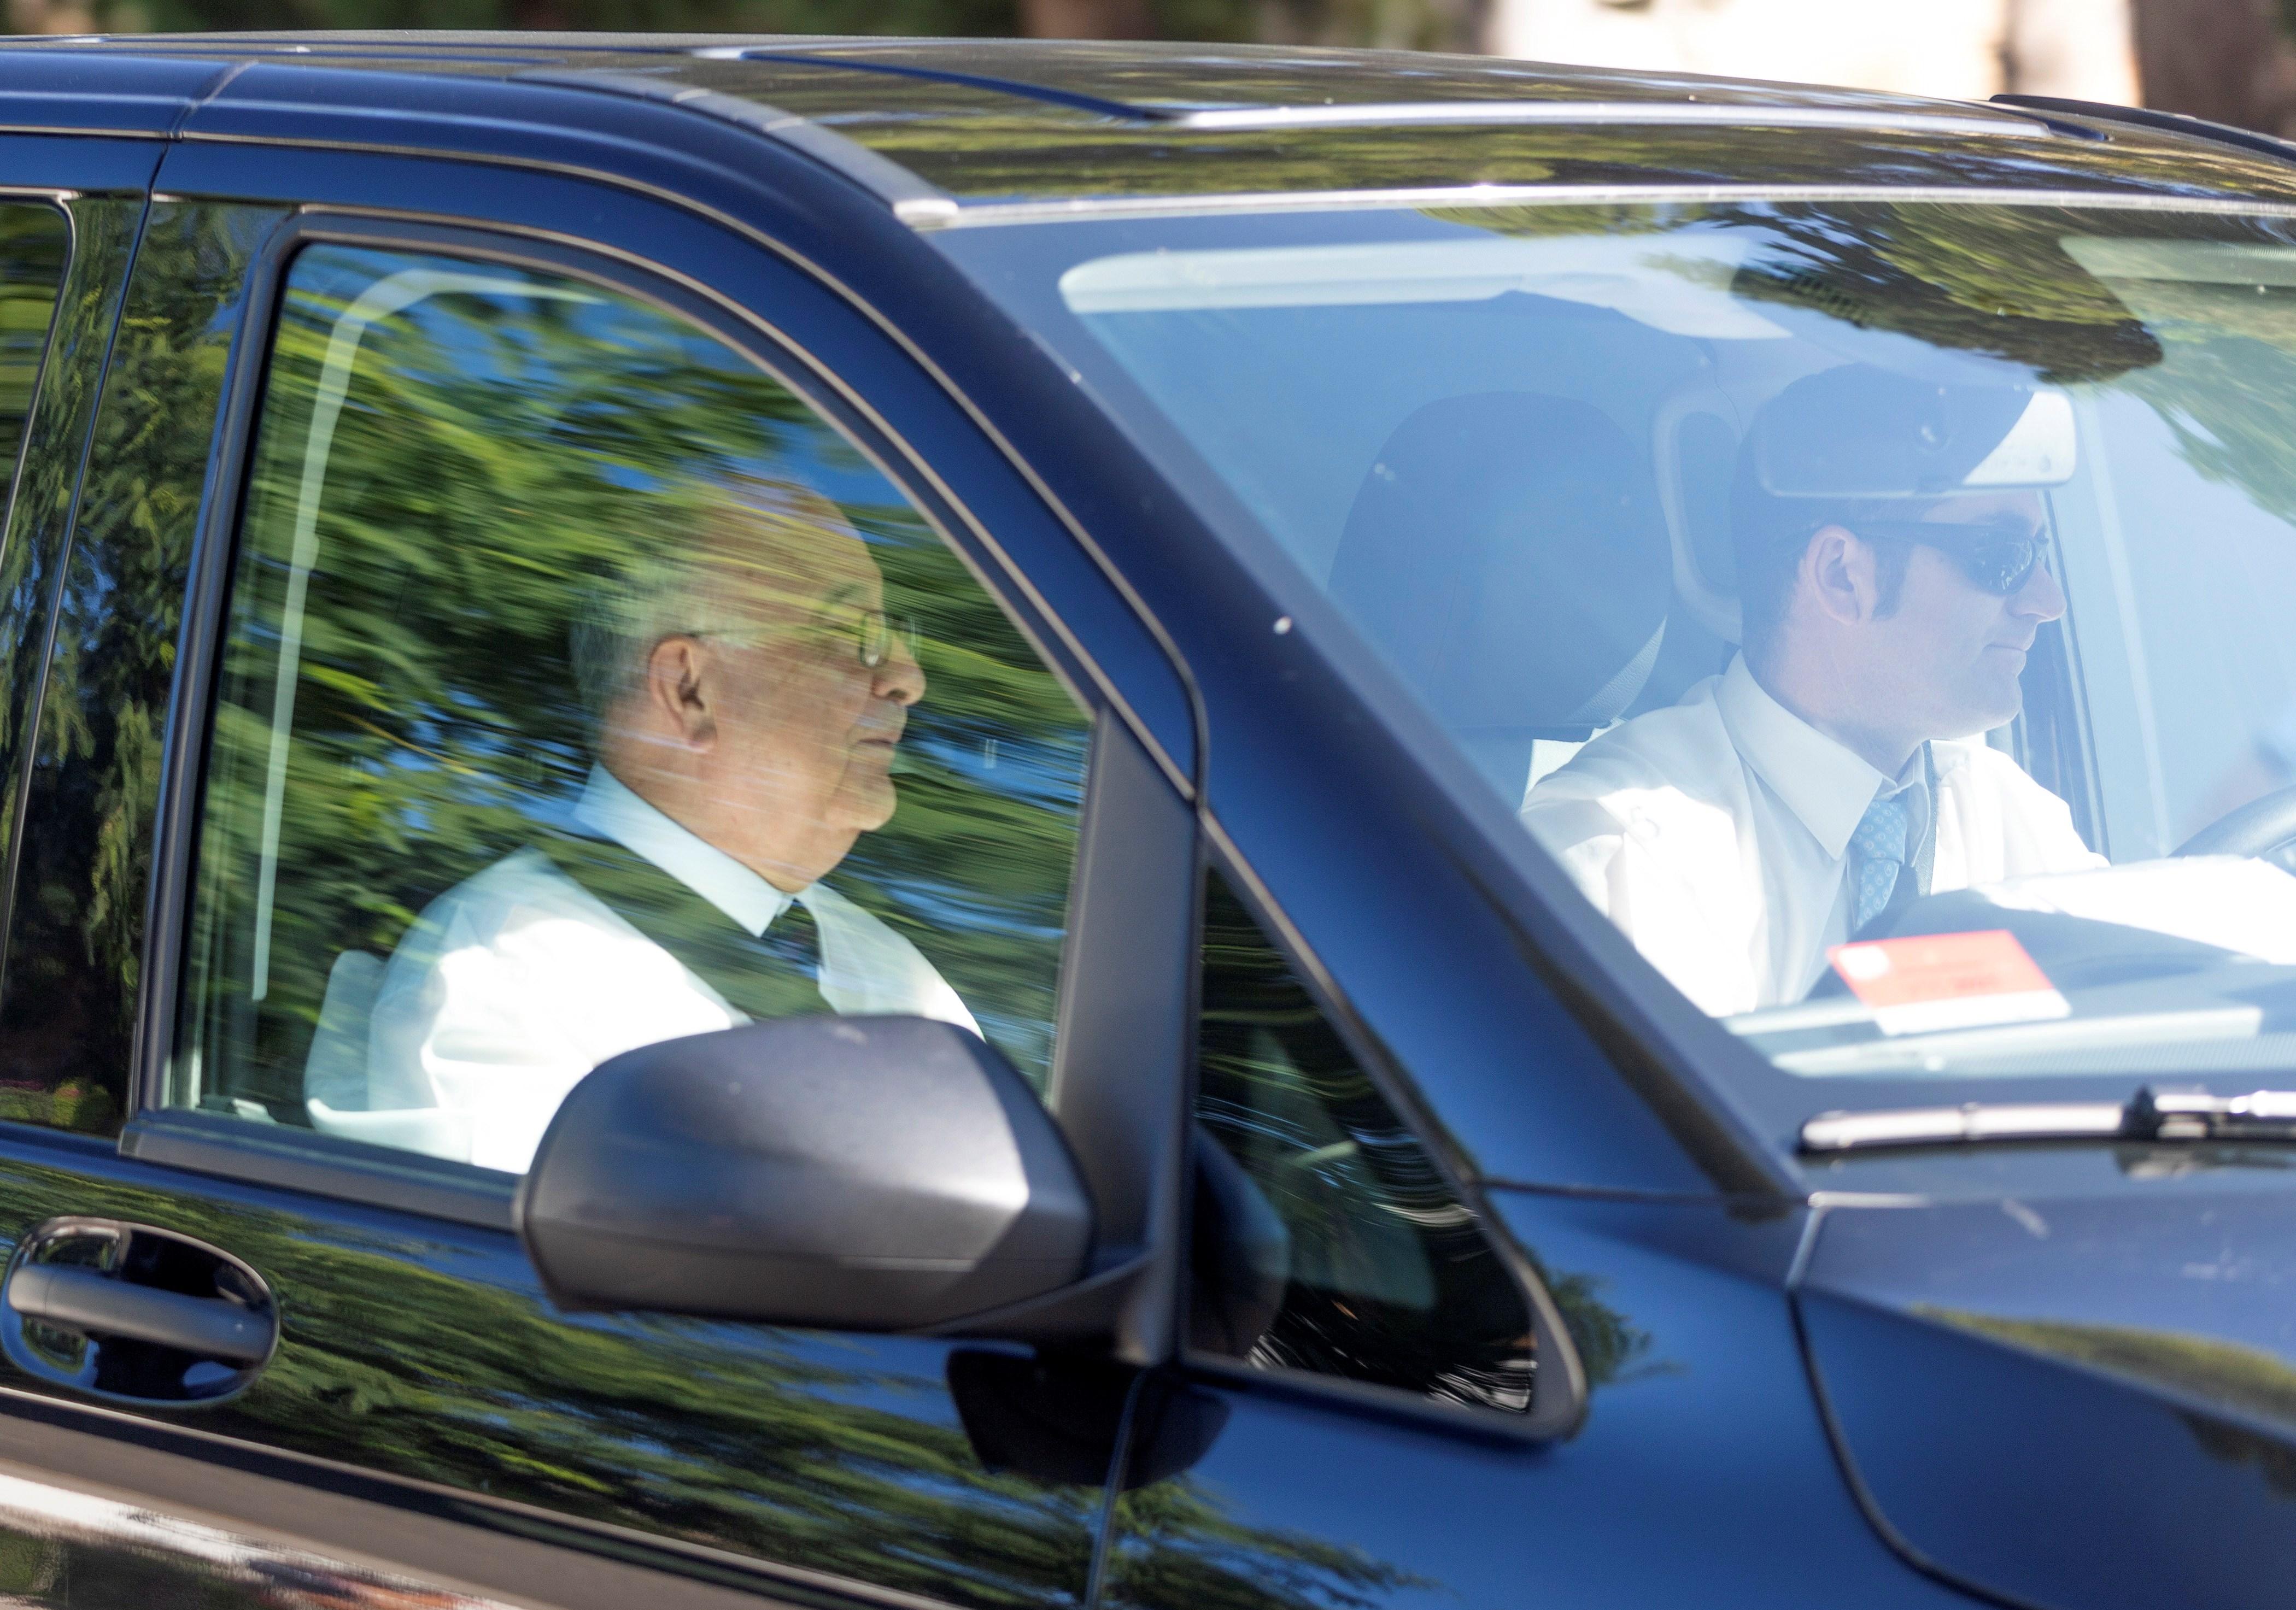 El sacerdote Tomeu Catalá, fundador de Proyecto Hombre, que oficiará la ceremonia de enlace de Rafa Nadal y Mery Perelló, a su llegada en coche a sa Fortalesa EFE/ Lliteres